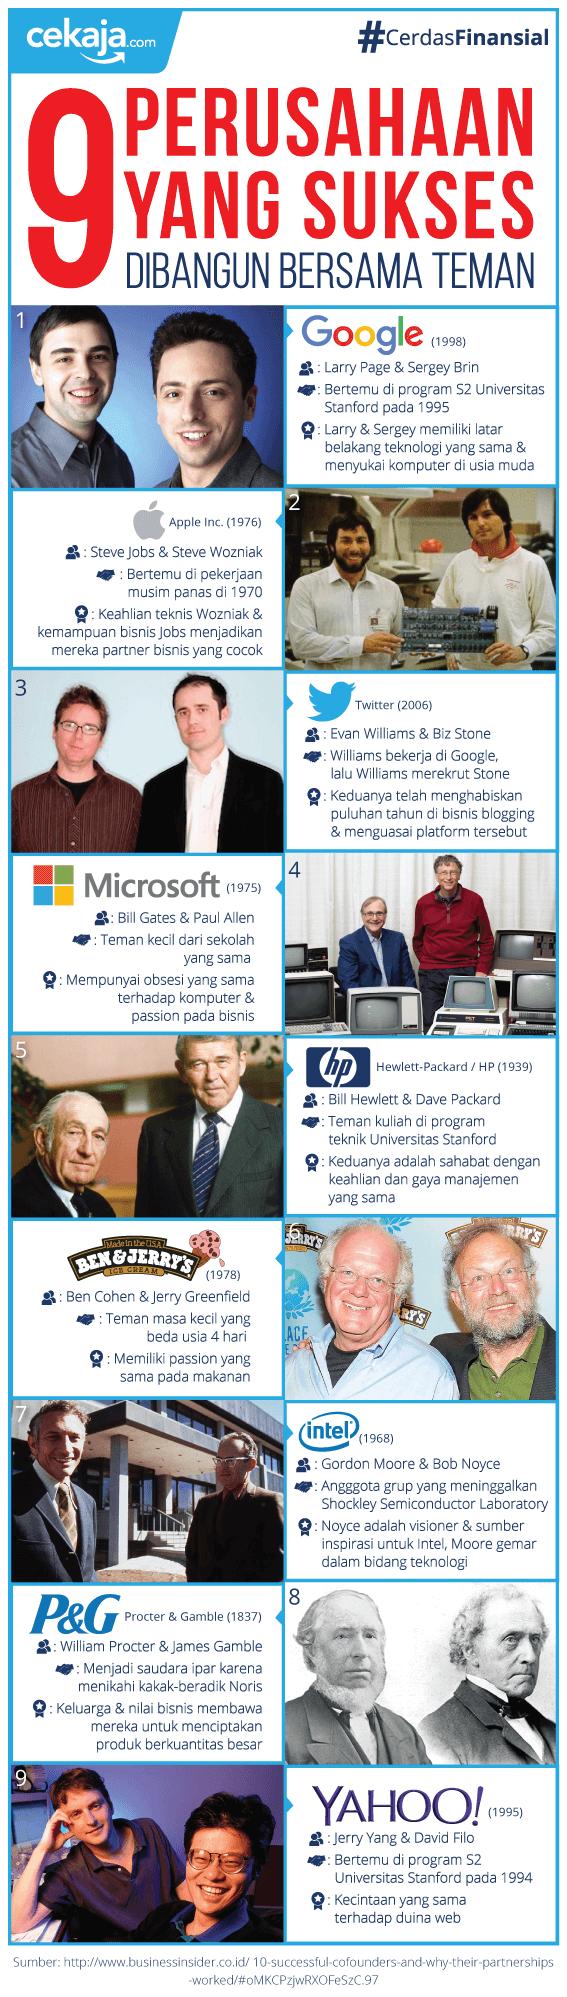 infografis-bisnis sukses bersama teman - CekAja.com